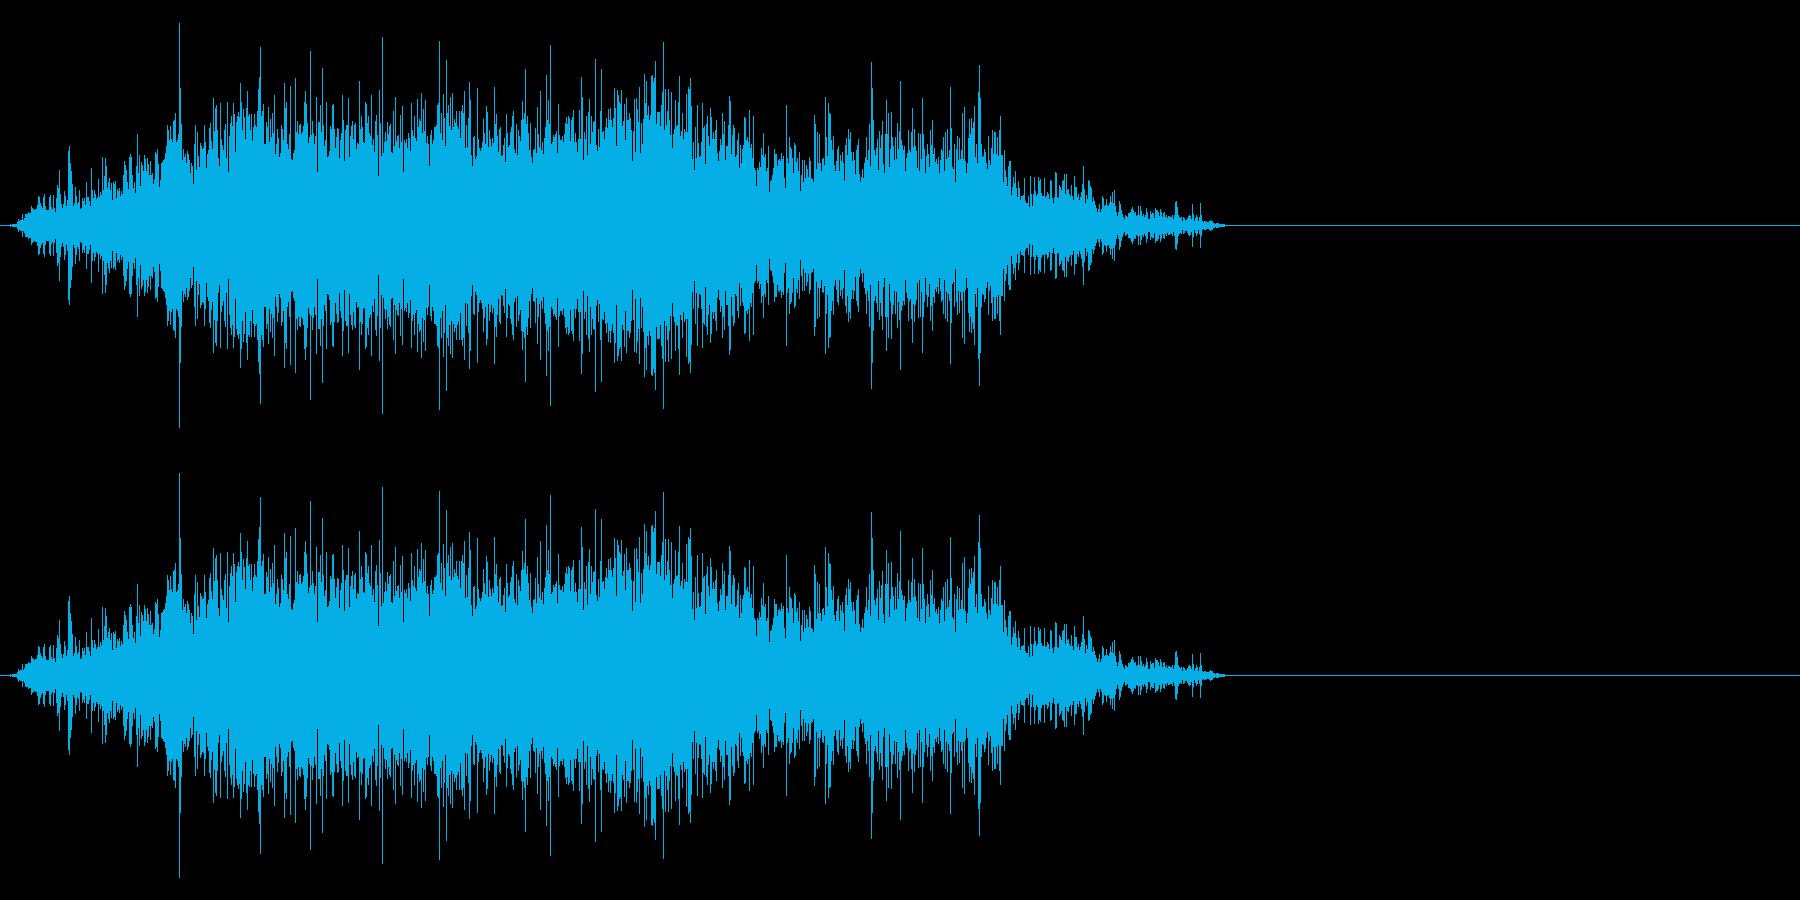 袋・コンビニ、レジ袋2の再生済みの波形